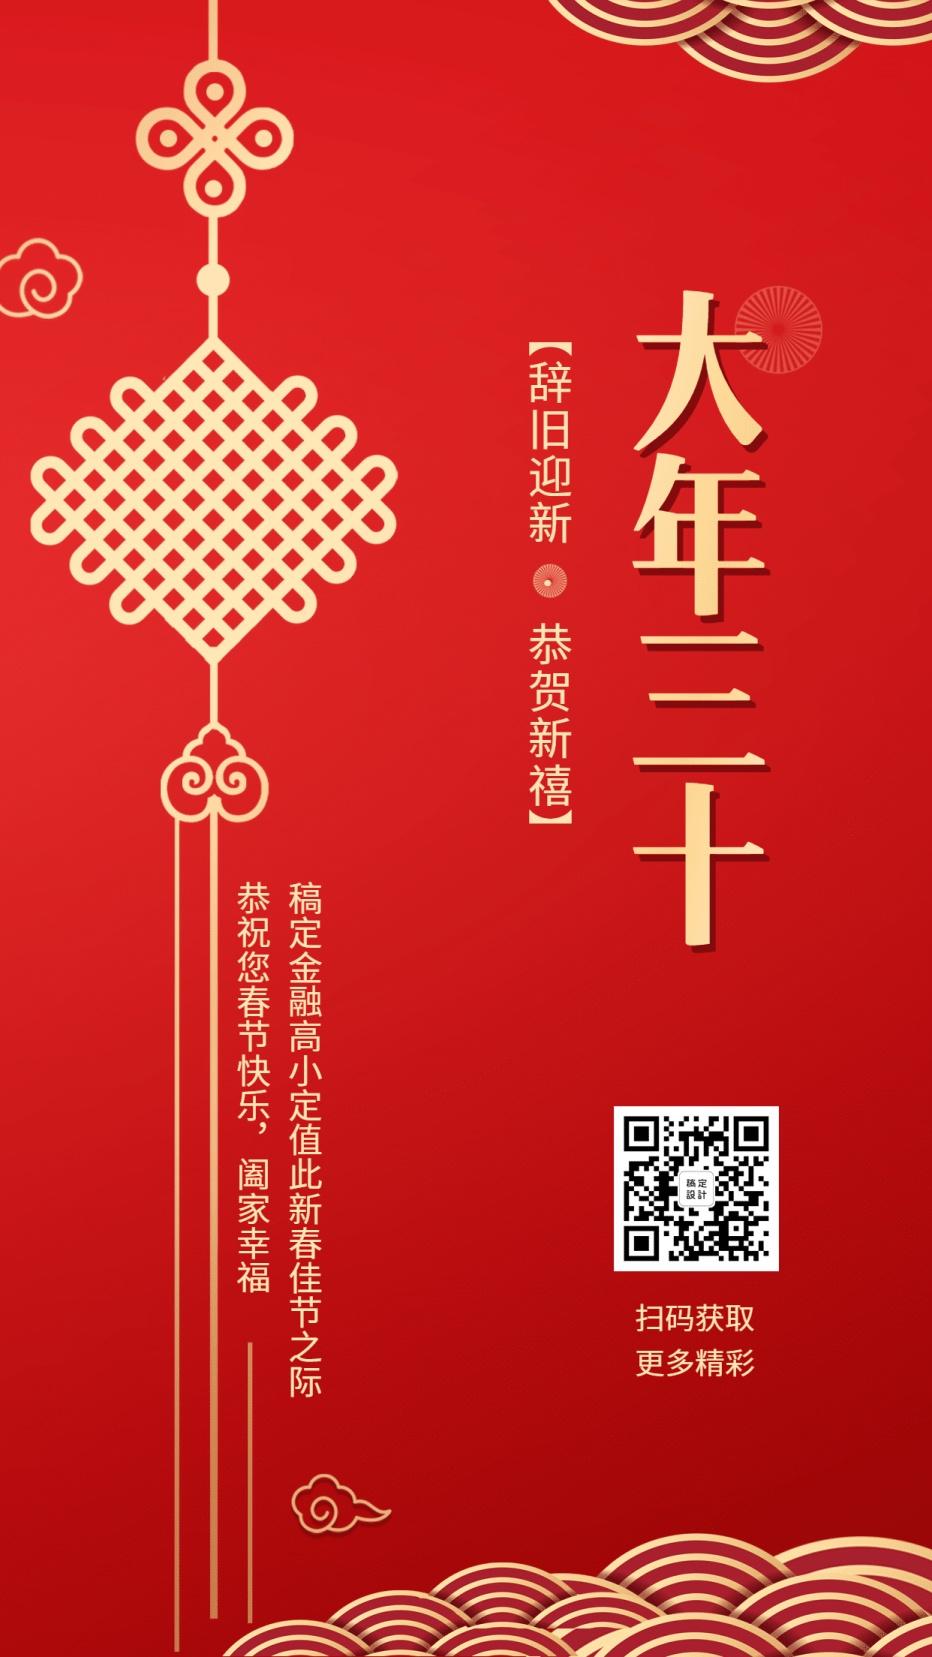 大年三十除夕夜春节祝福排版海报